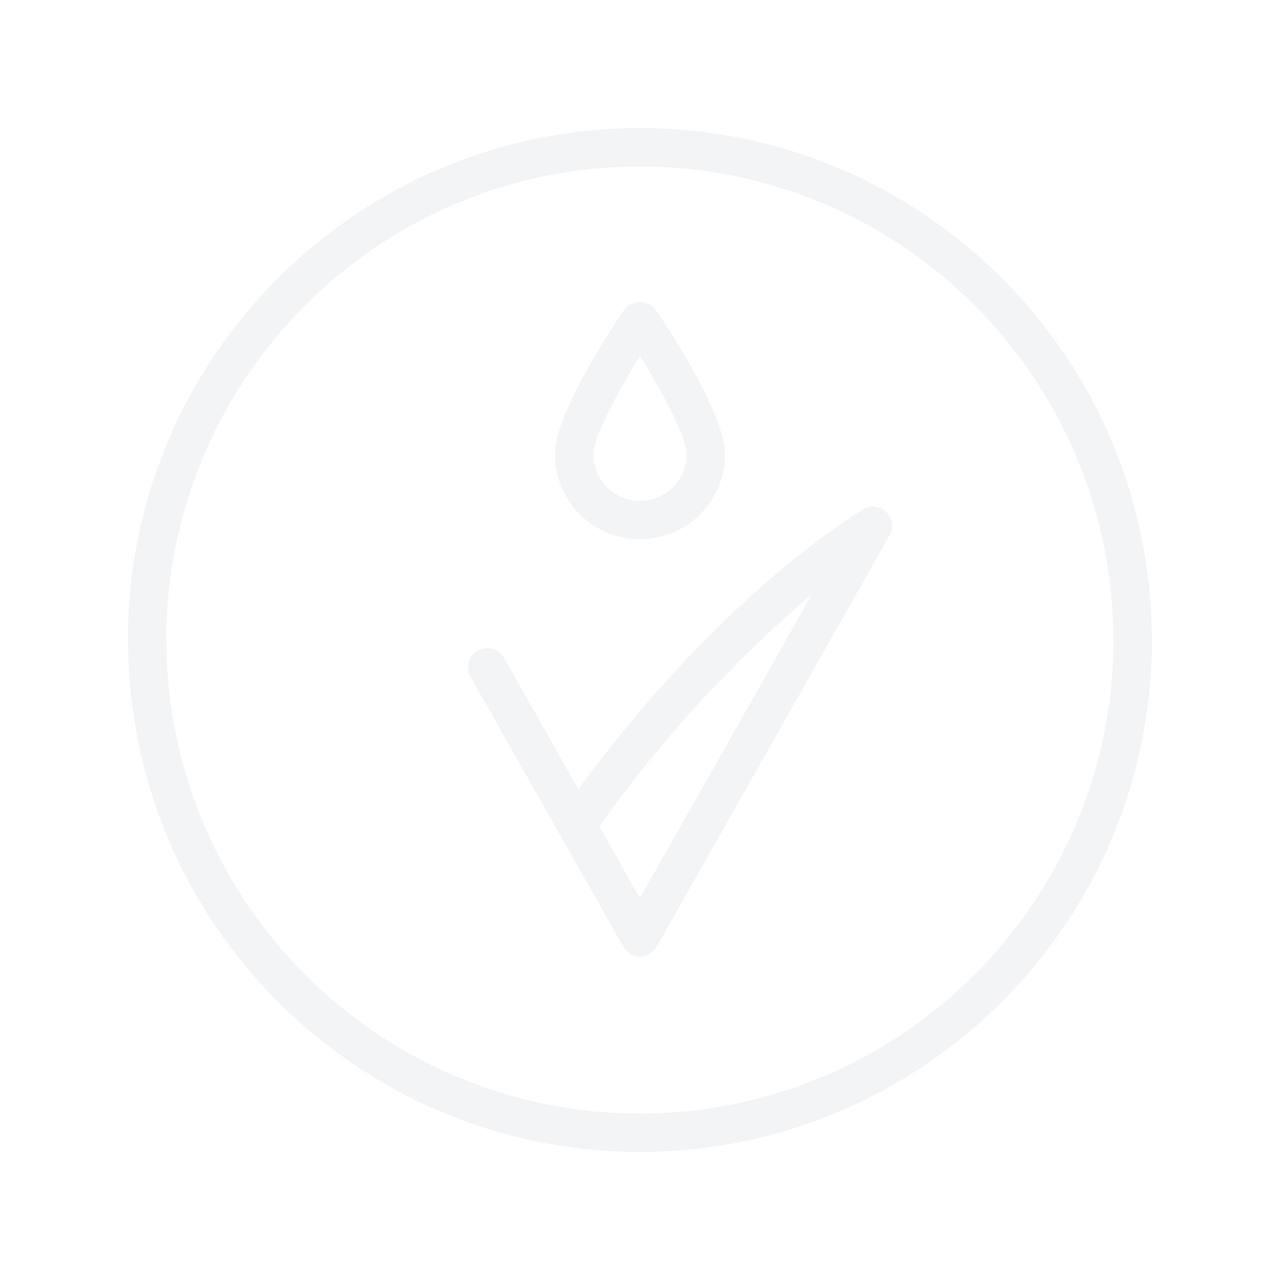 GUCCI Guilty Absolute Pour Femme 50ml Eau De Parfum Gift Set  f3277d55fb